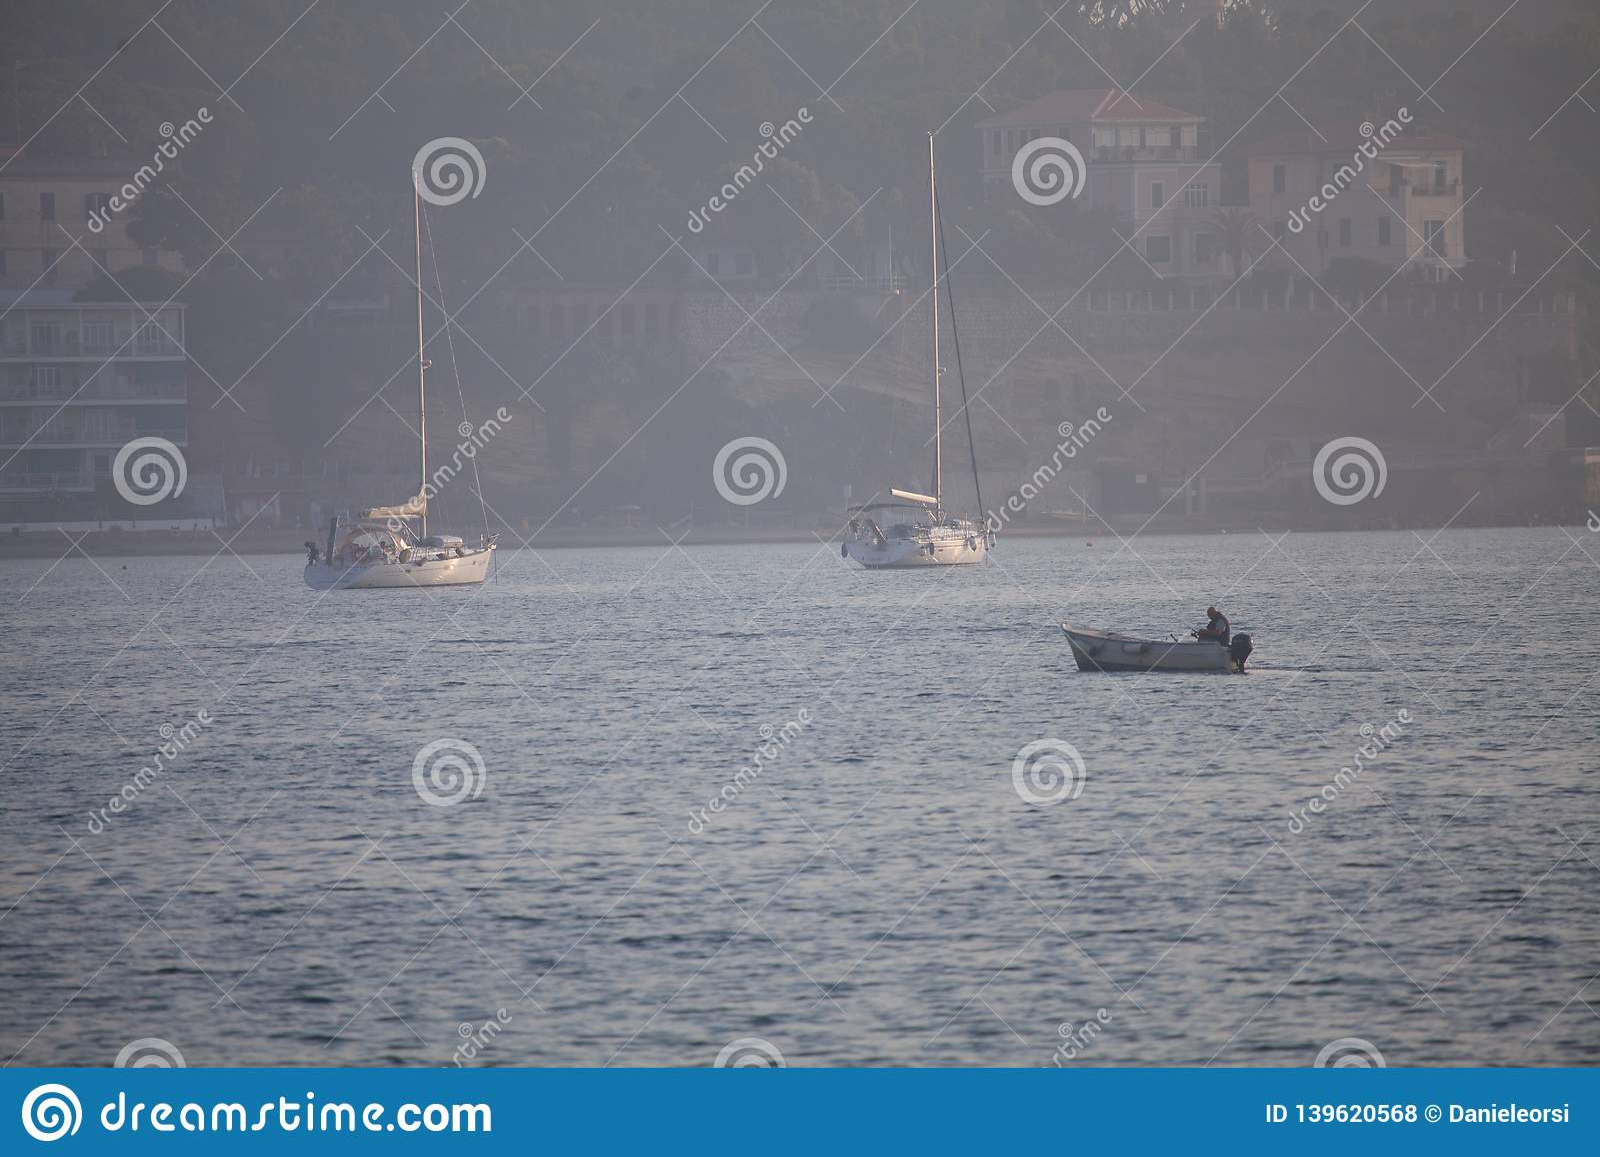 Une vue d un intérieur de filet de pêche du bateau en mer Belles mer calme et eau pendant un jour d été chaud